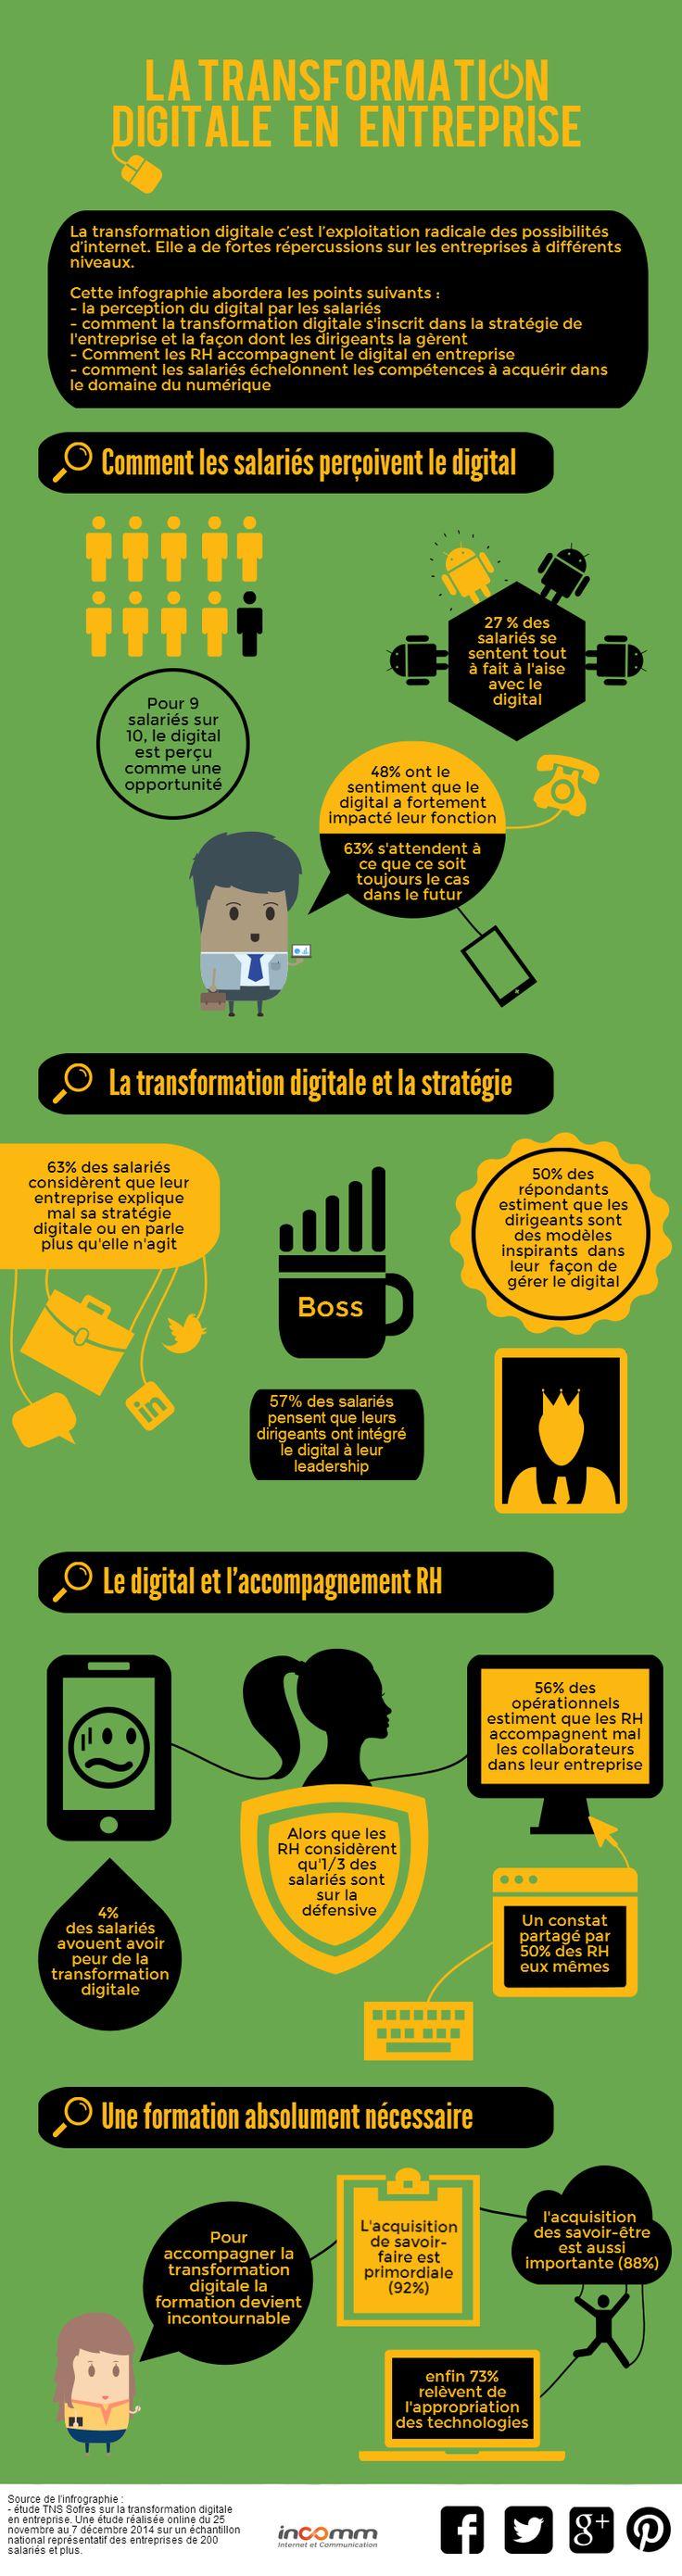 Une étude de TNS Sofres sur la transformation #digitale dans les grandes entreprises imagée par une #infographie.